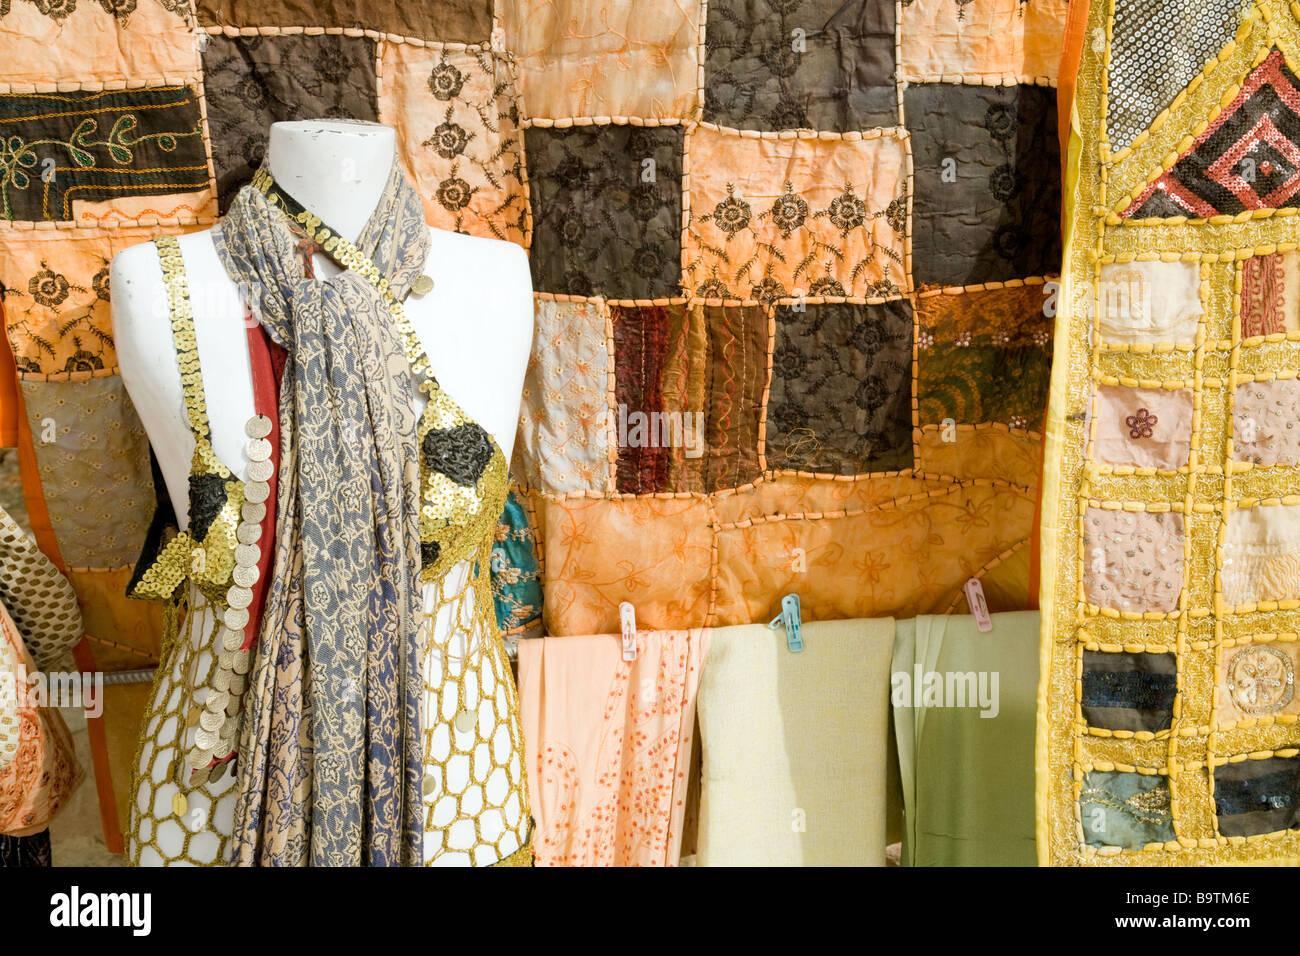 Kleidung und Material zu verkaufen, Jordanien Stockbild